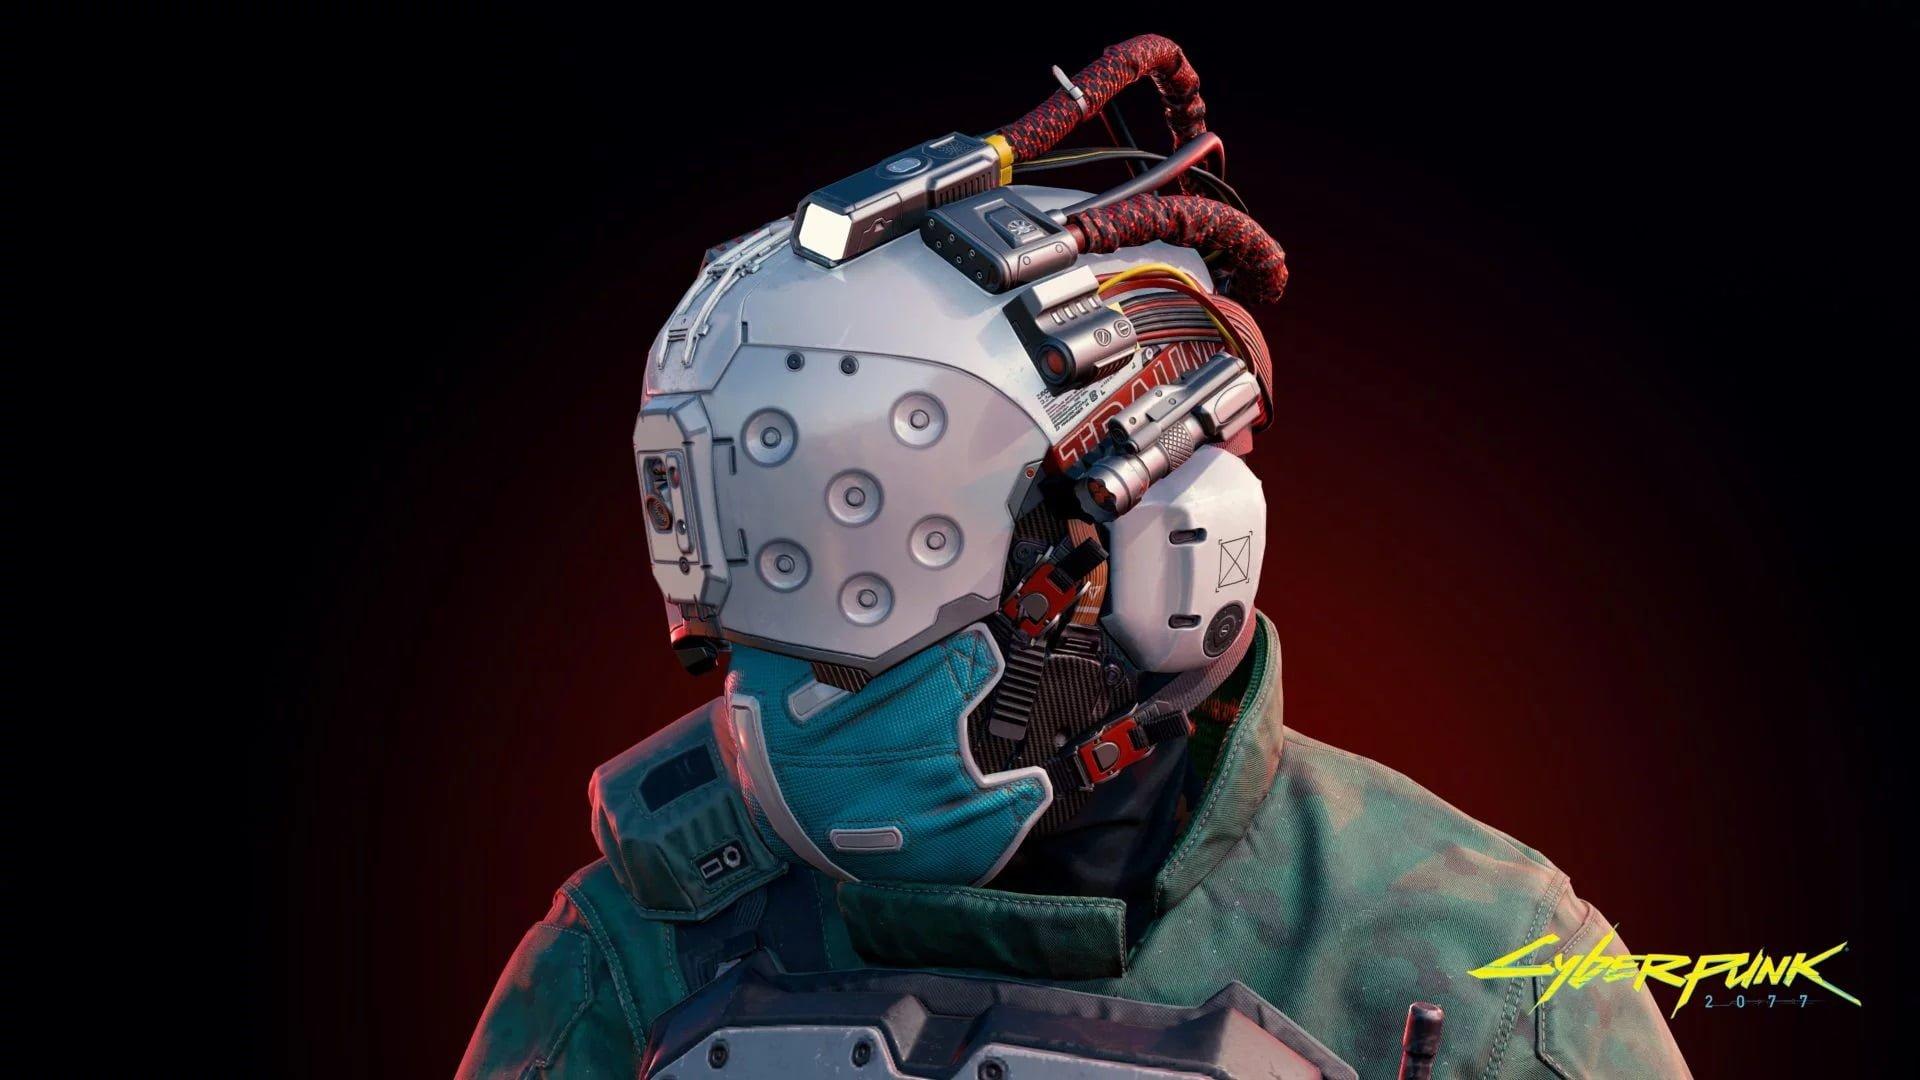 Novas imagens de Cyberpunk 2077 têm referências a The Witcher 3 10